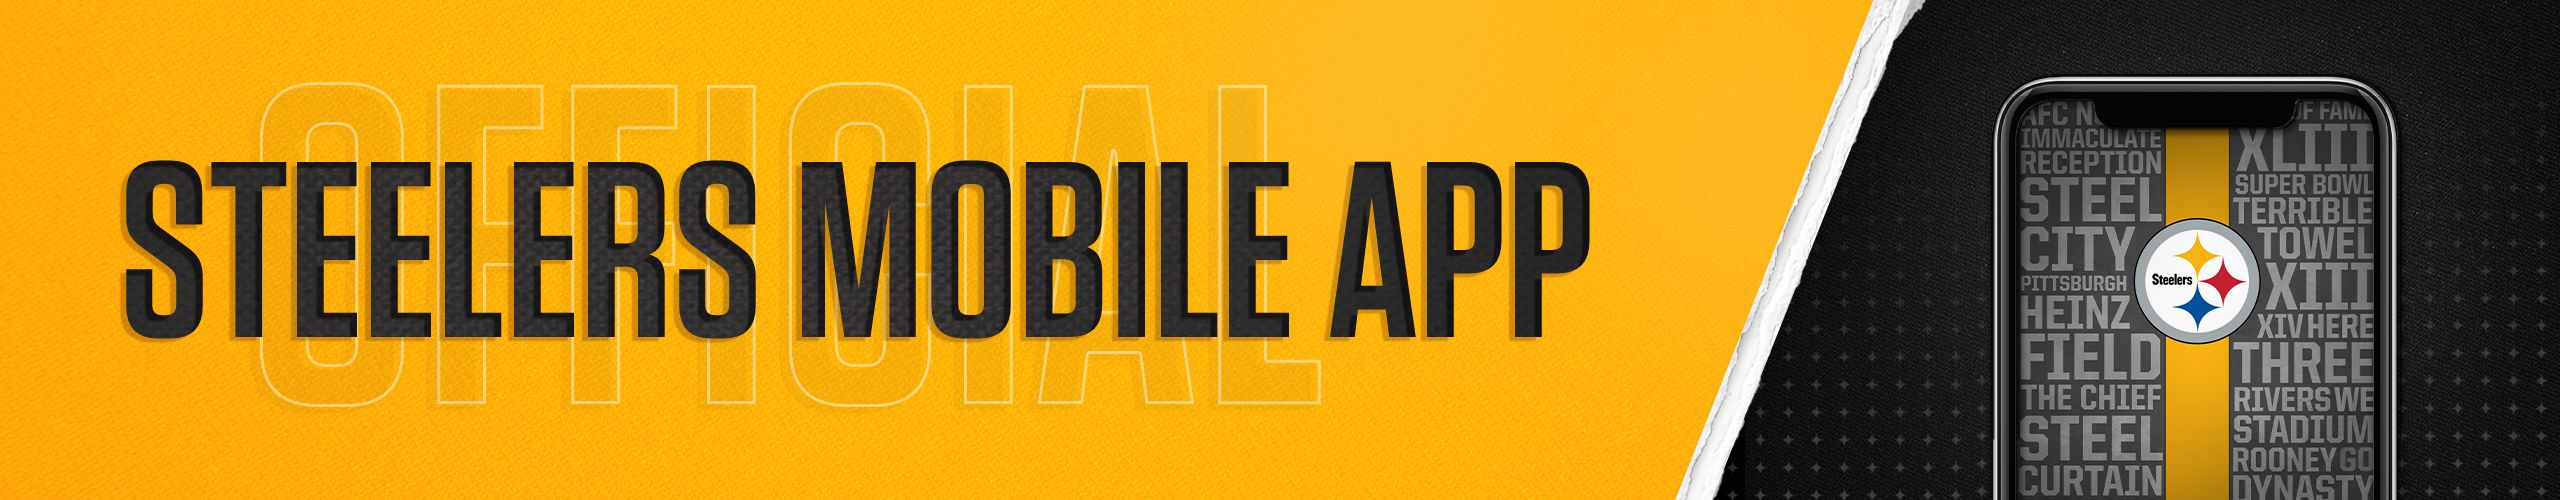 MobileApp_Headers